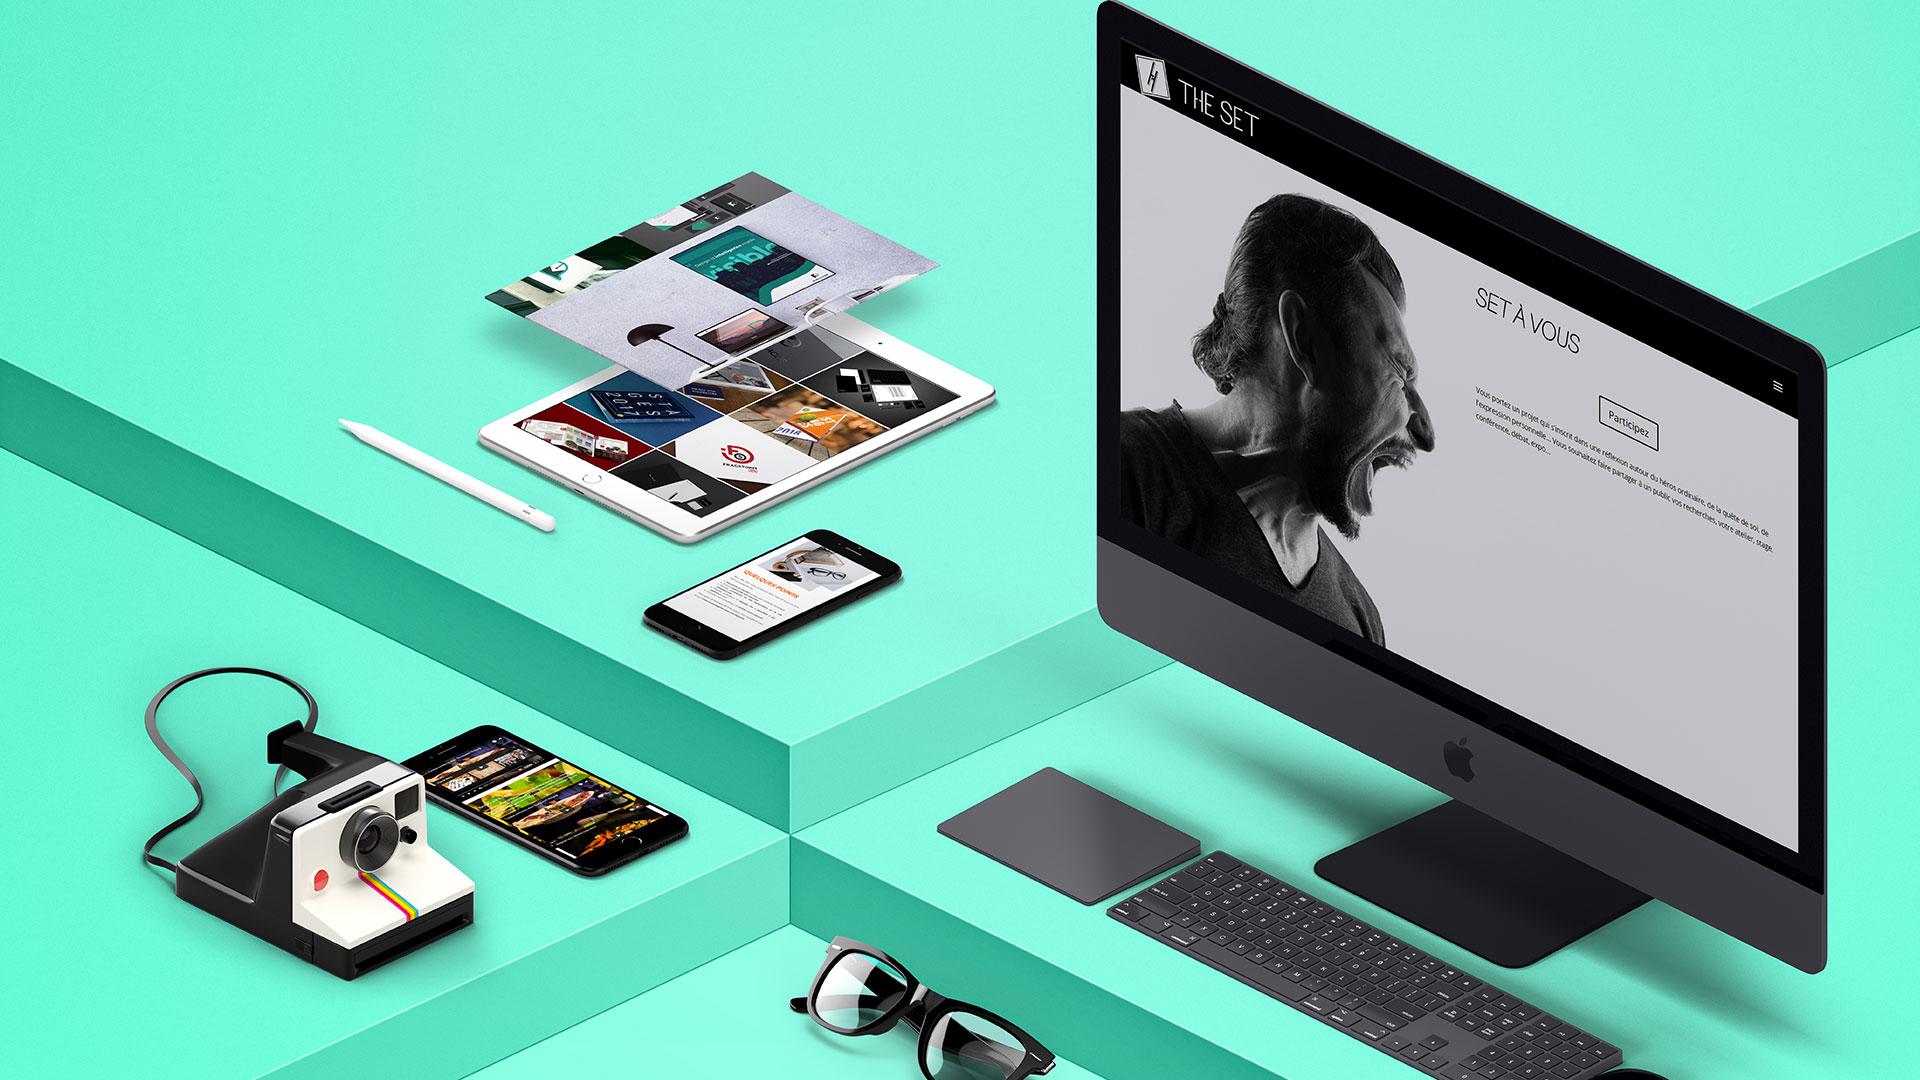 Présentation de plusieurs sites sur différents écrans